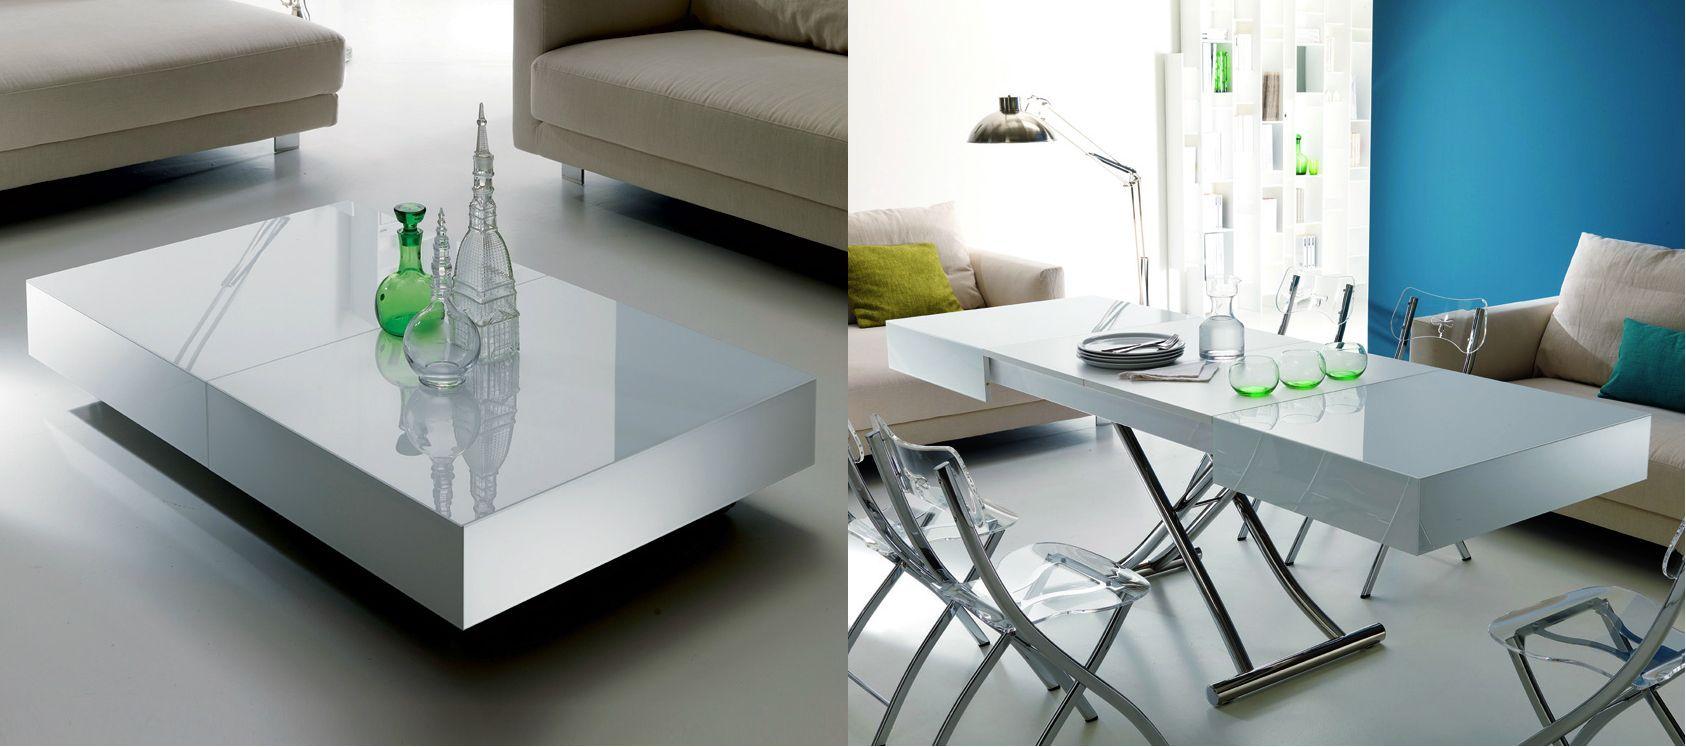 Пластиковый журнальный стол-трансформер - это красиво, компактно и практично